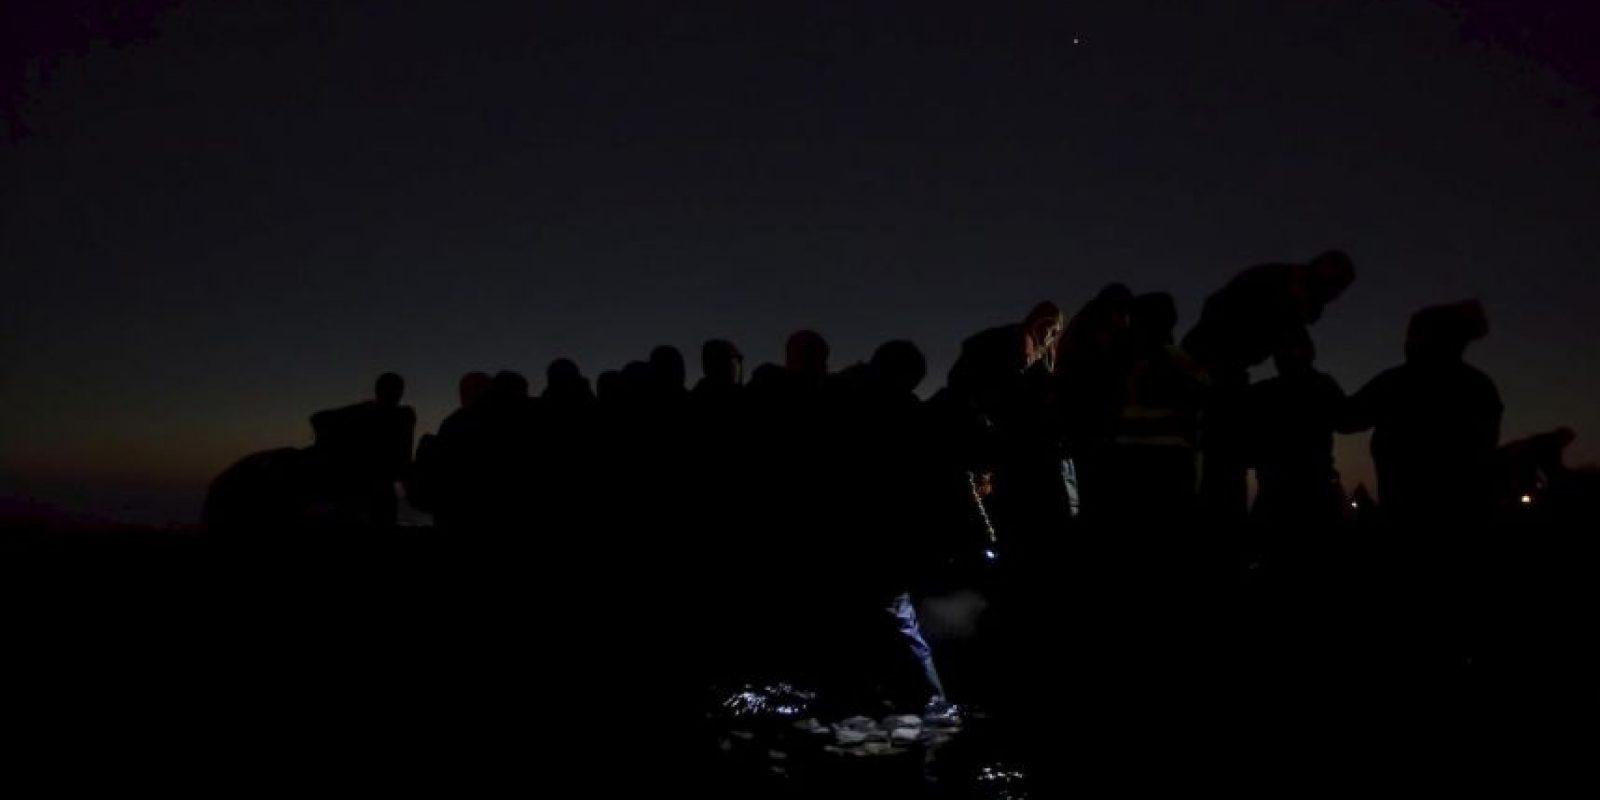 Paul Hansen. Refugiados viajan en la oscuridad para evitar ser deportados. Foto:worldpressphoto.org